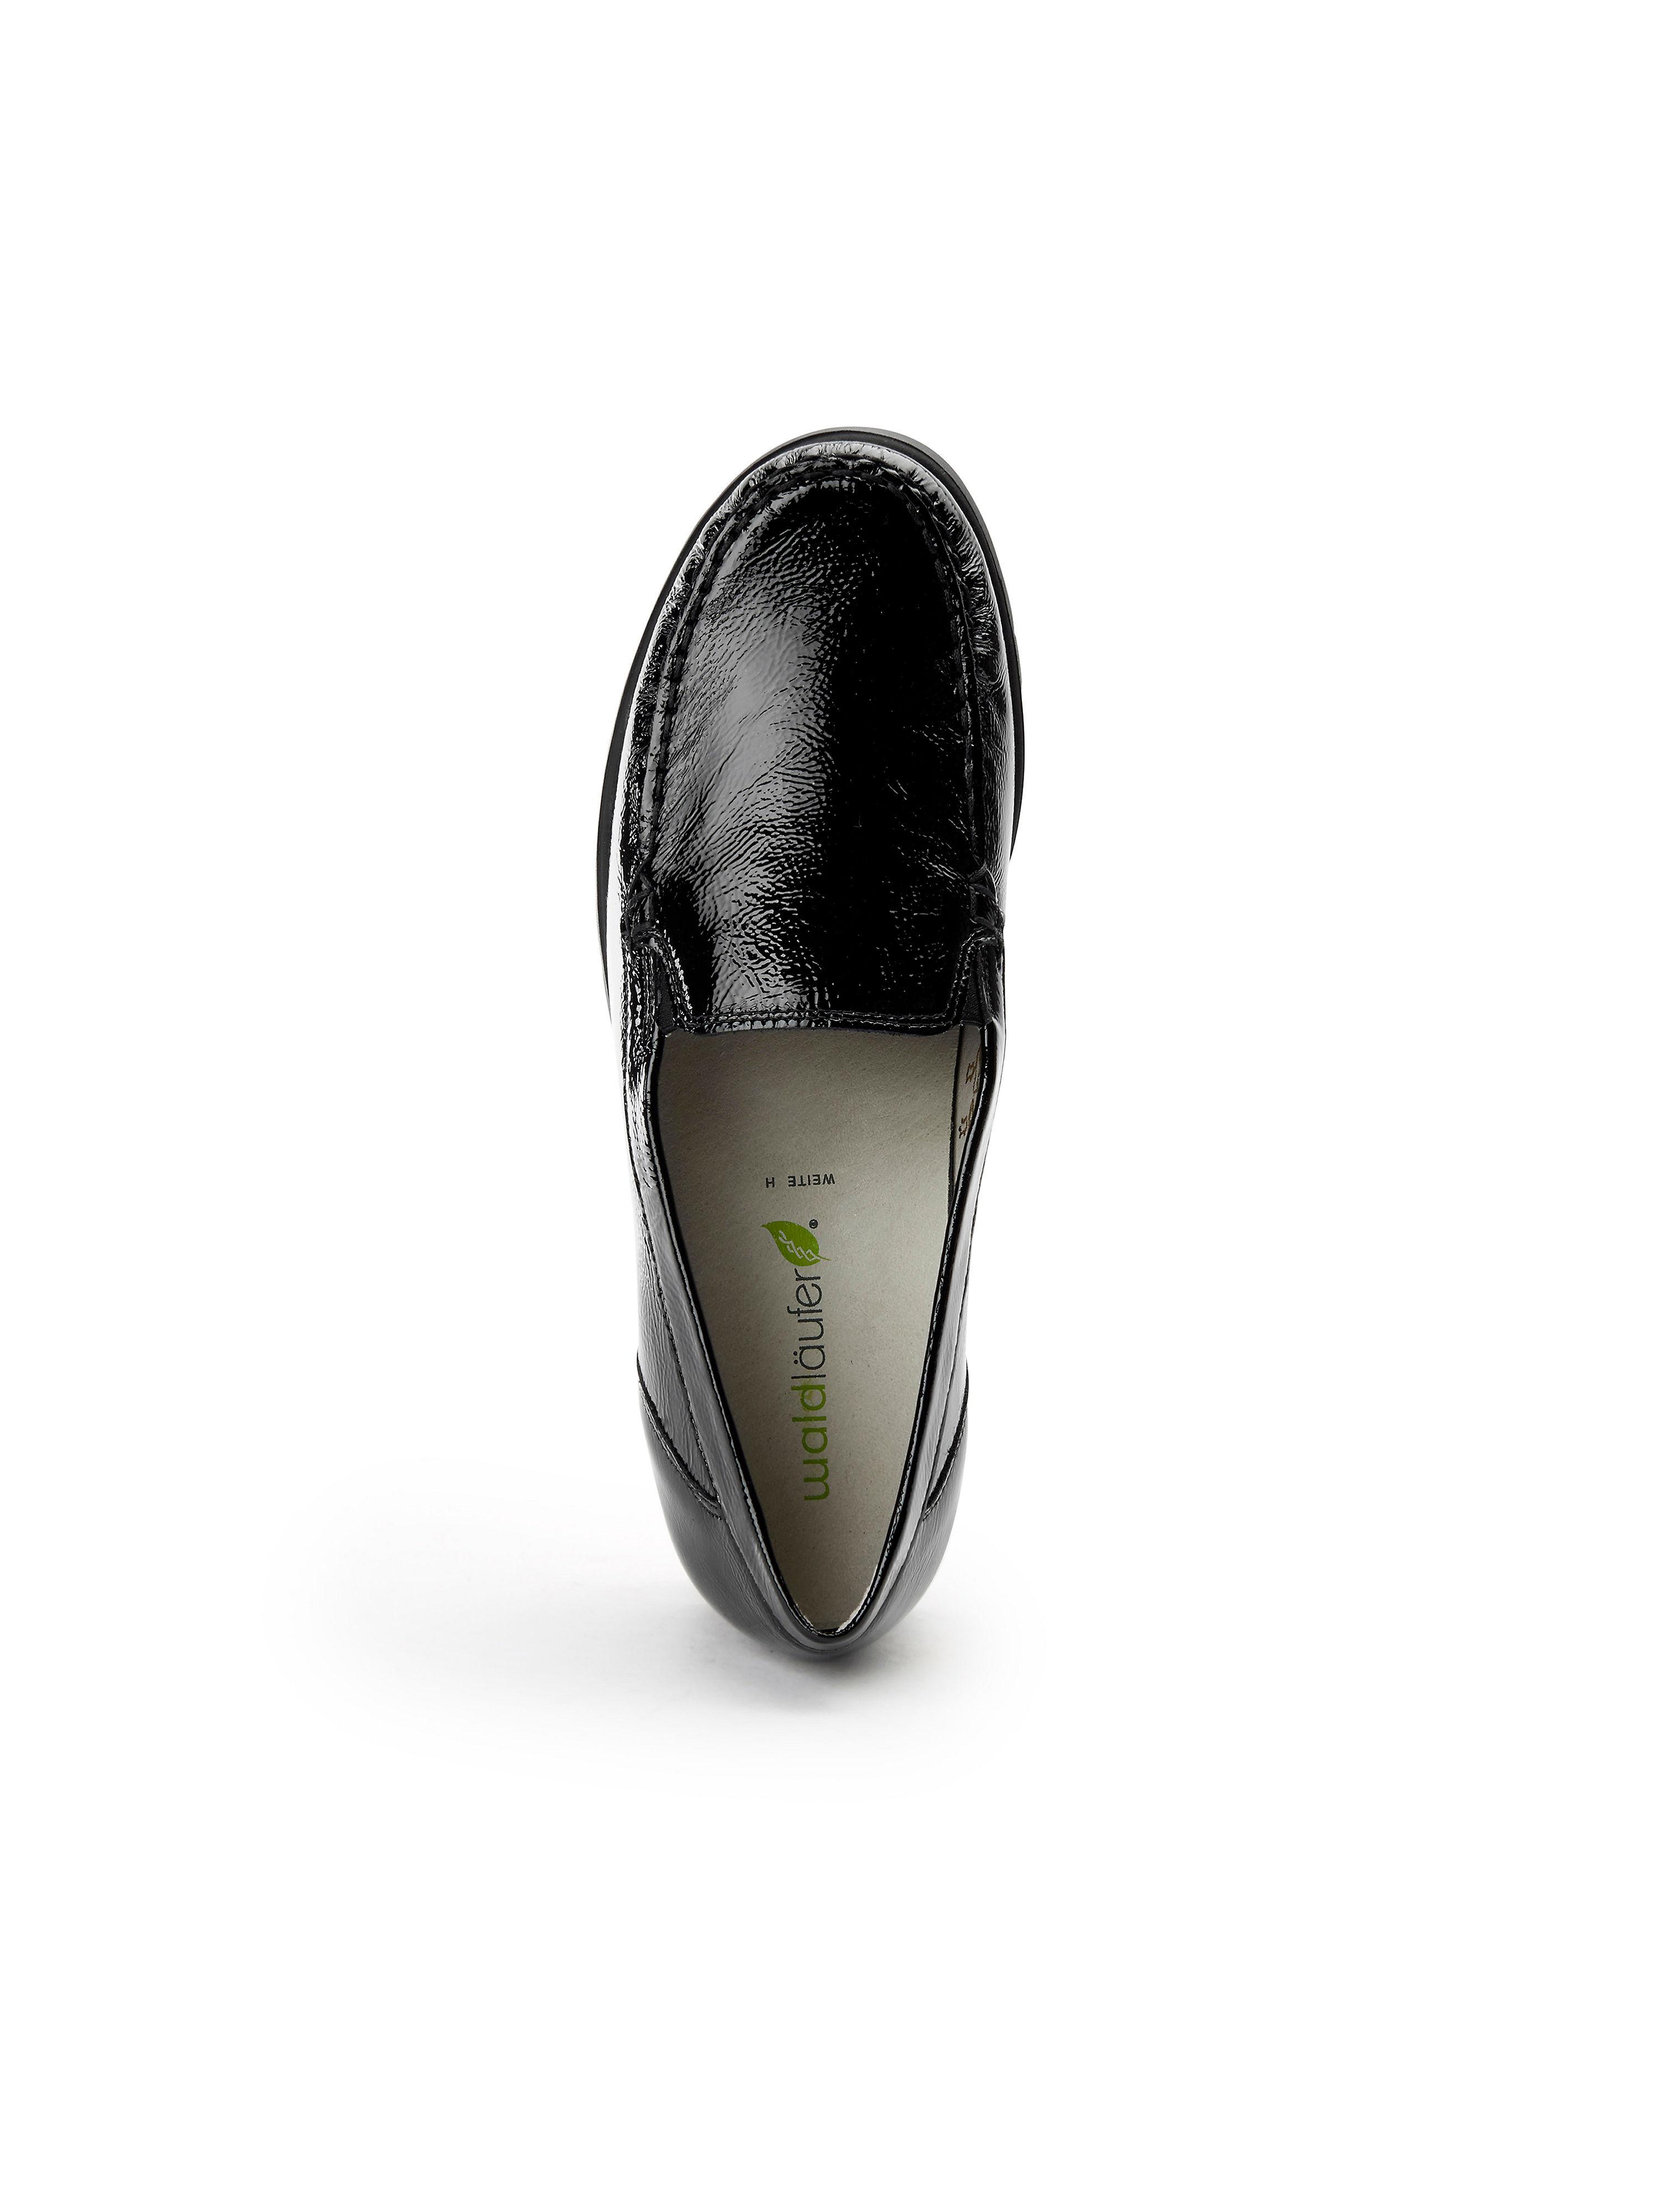 Waldläufer 100% - Mokassin Hegli aus 100% Waldläufer Leder - Schwarz Gute Qualität beliebte Schuhe 1e60bf